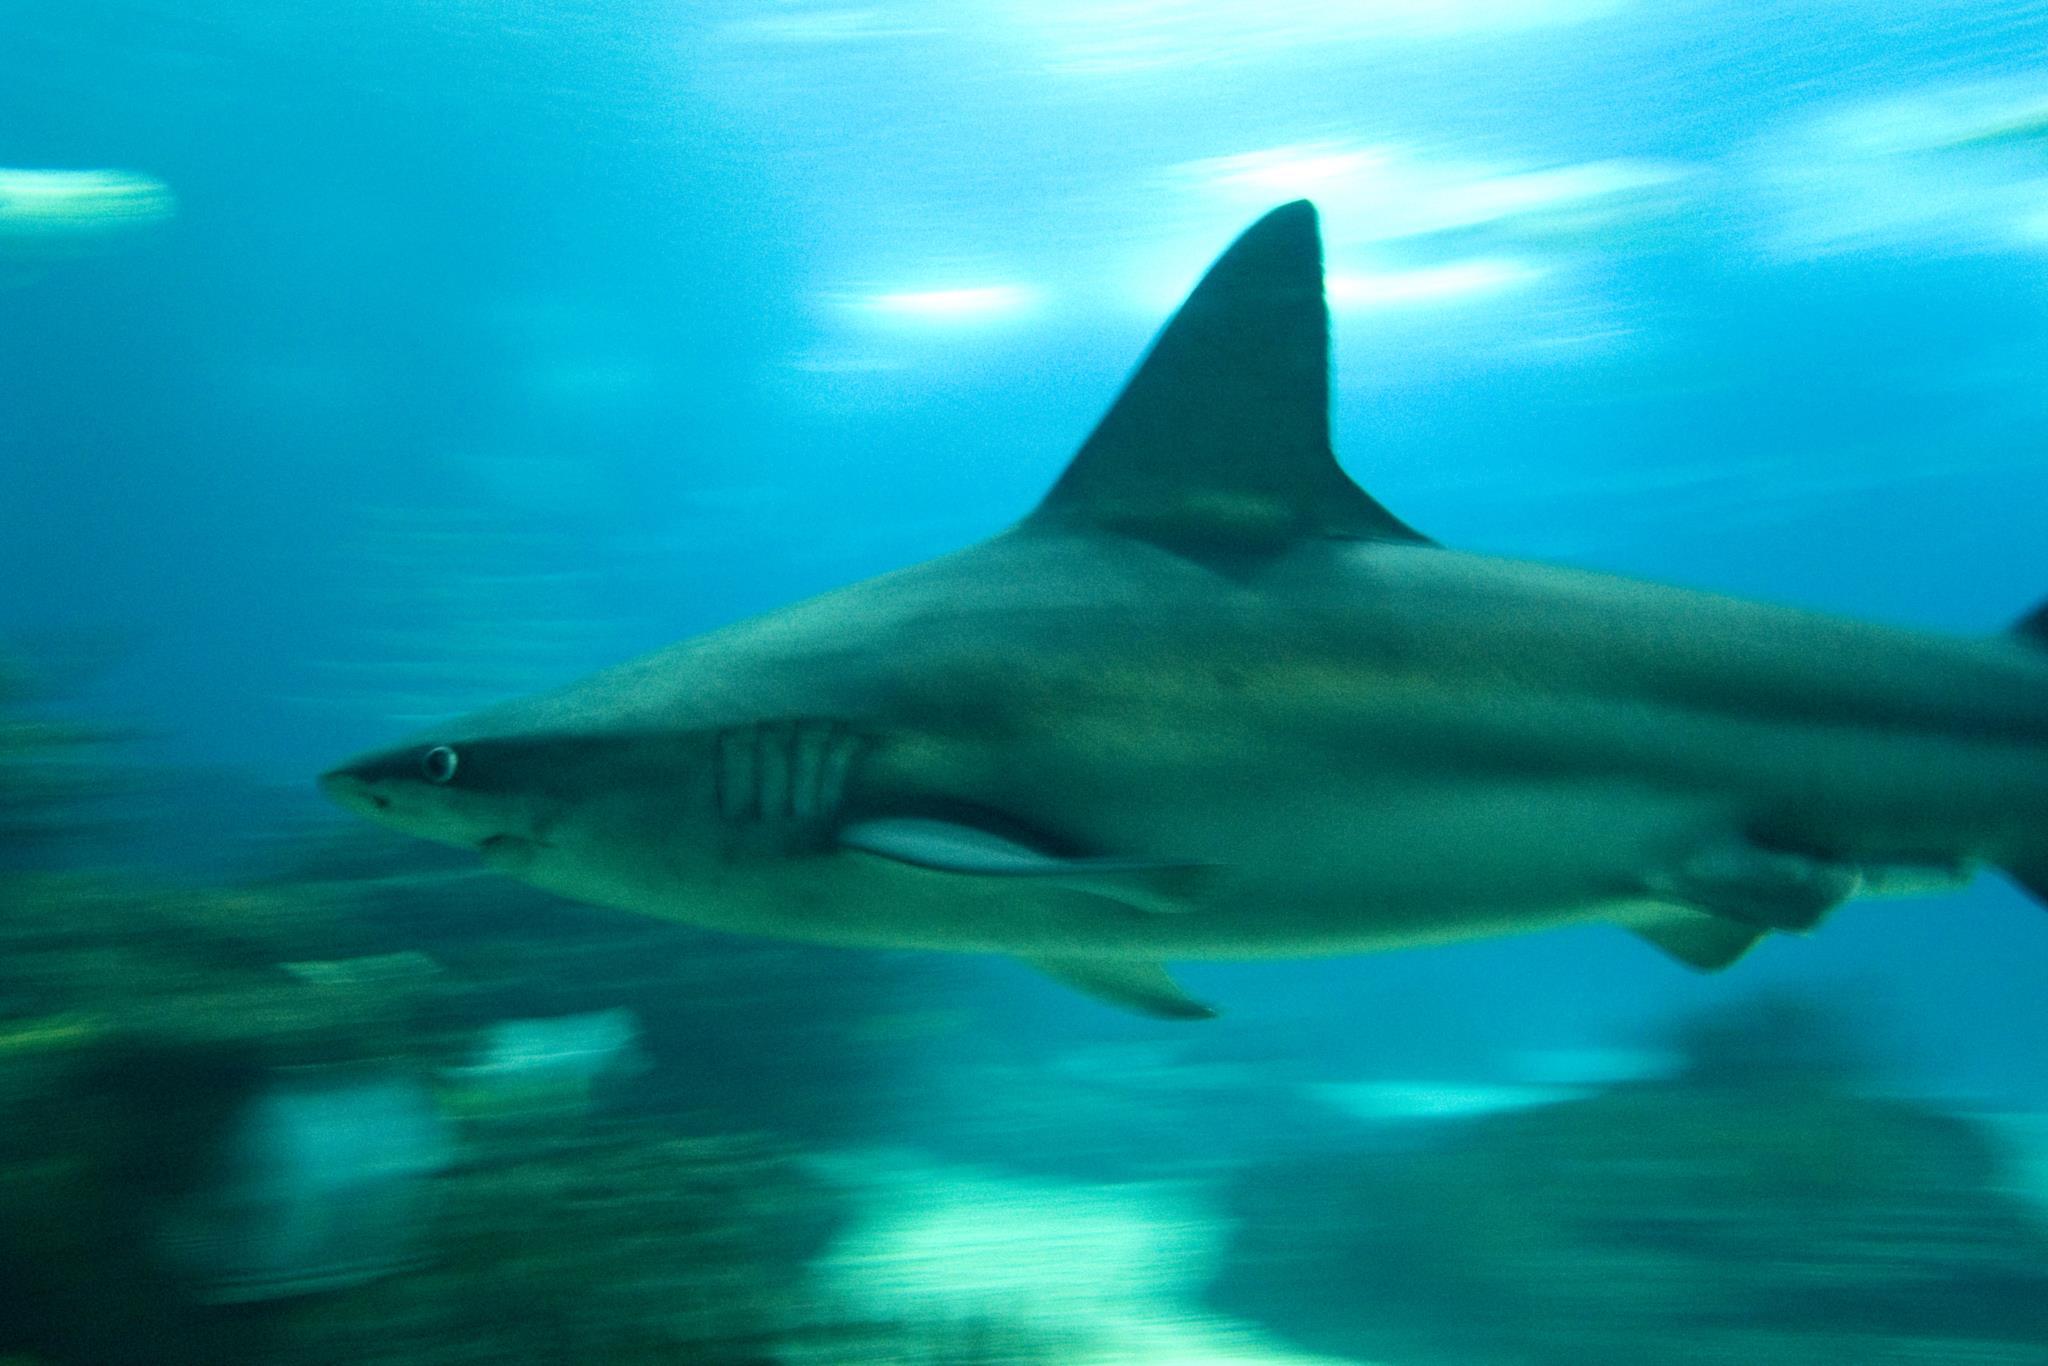 """PÚBLICO - Tubarão saltou para um barco na Austrália. Pescador diz que é algo """"mundano"""""""